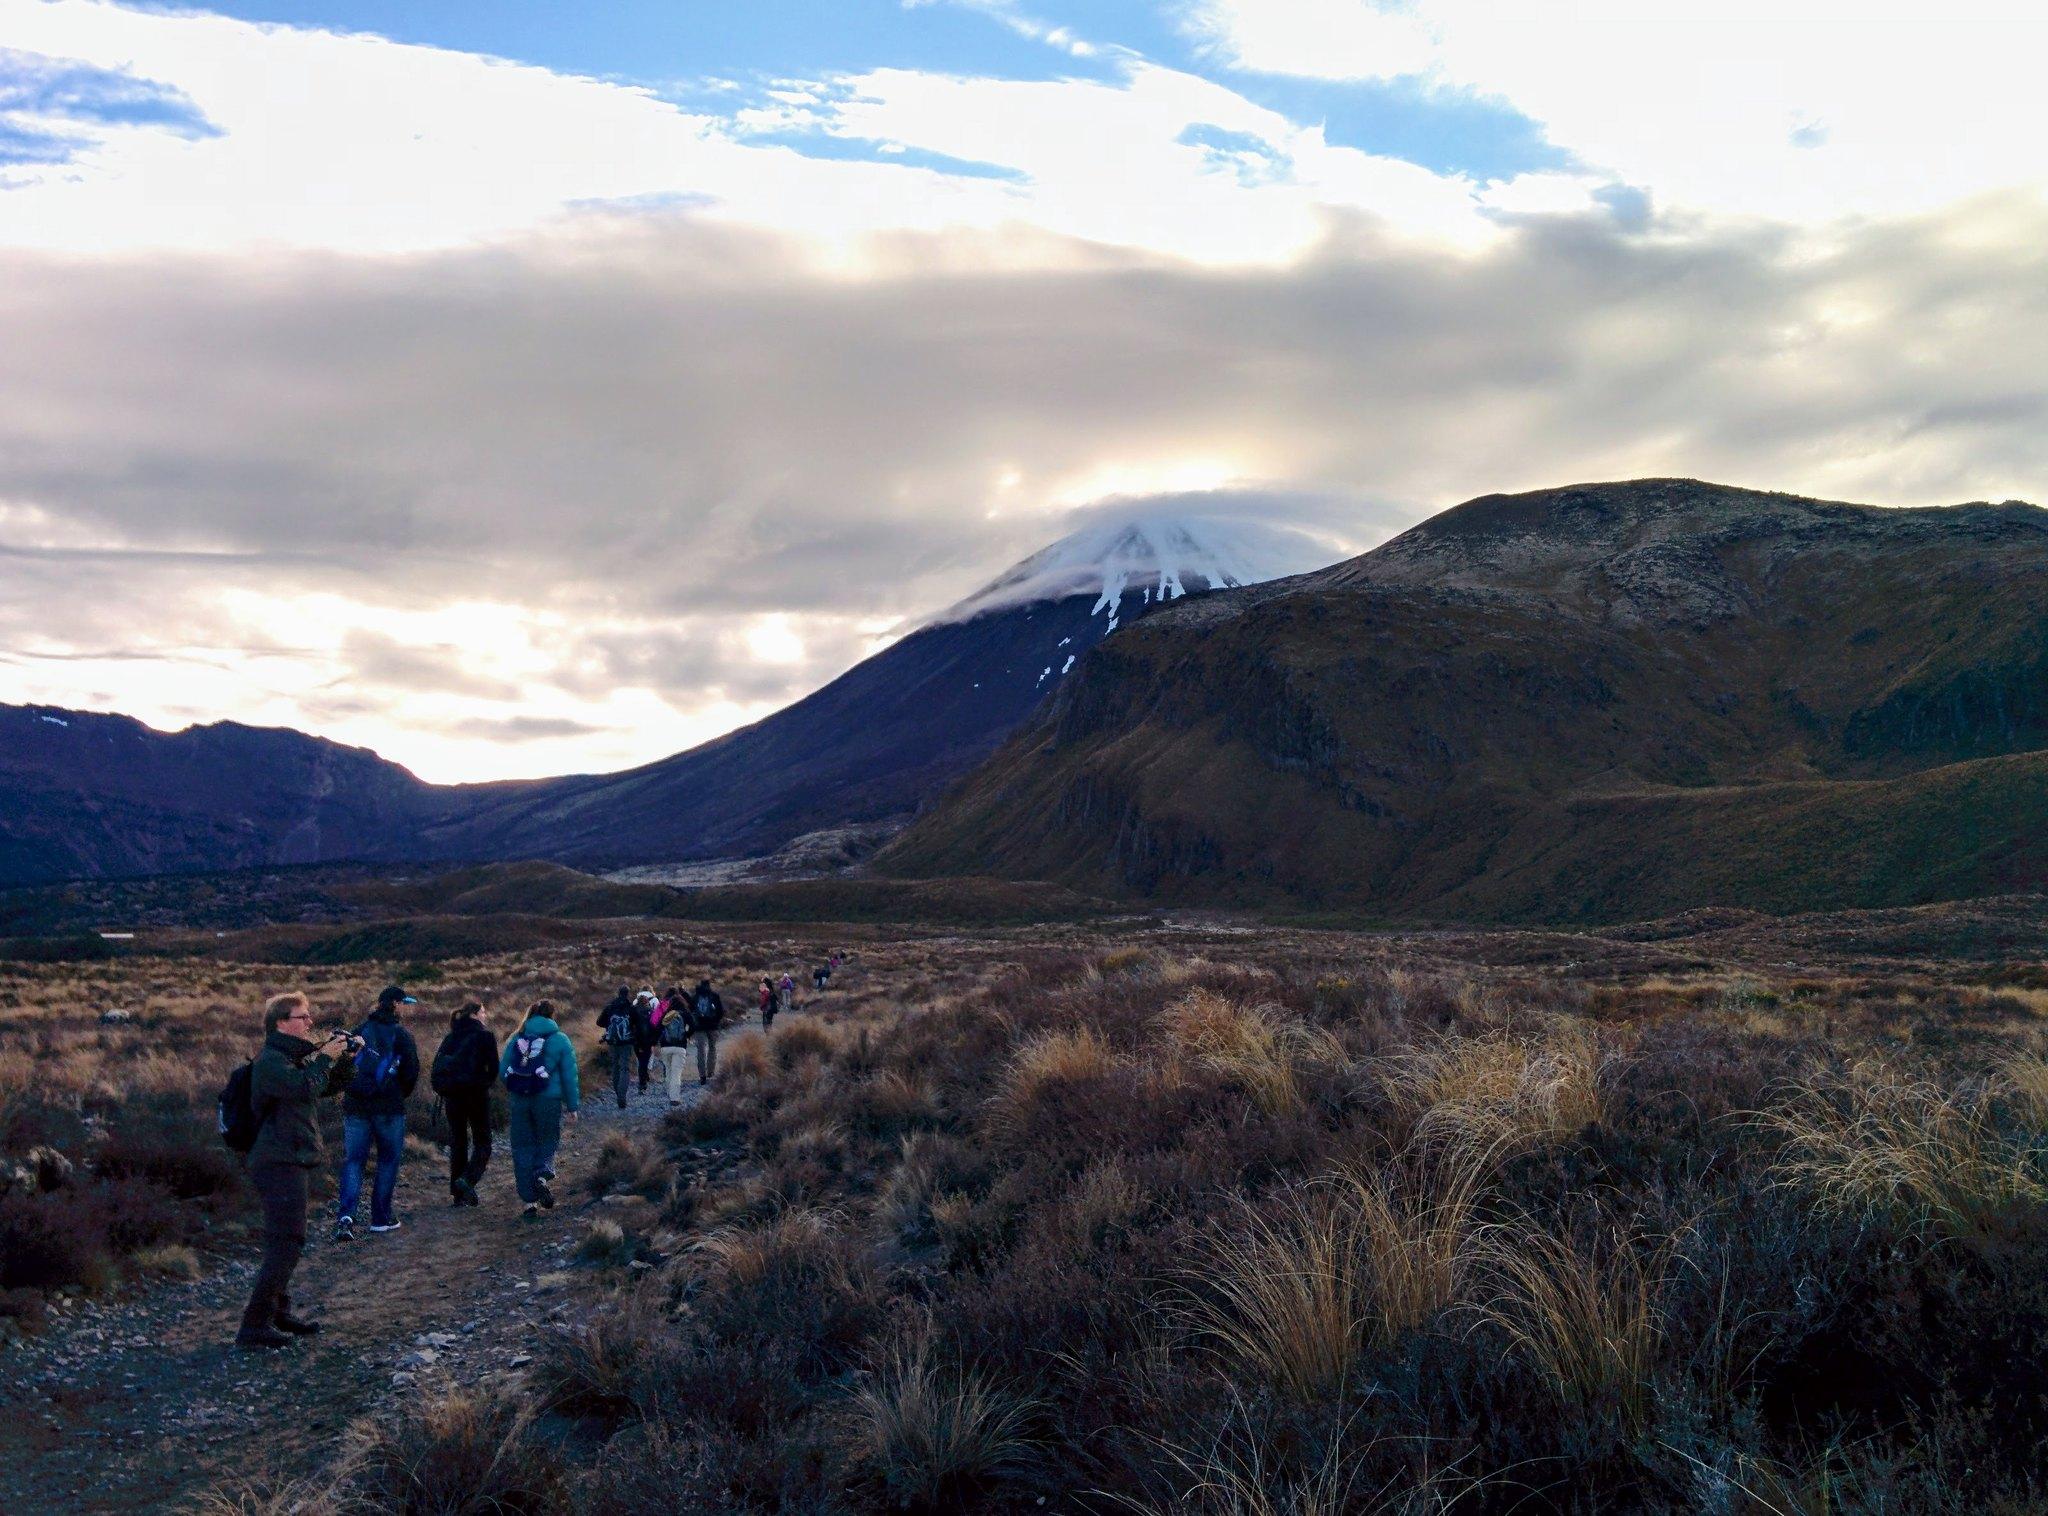 Mount Ngauruhoe in the distance